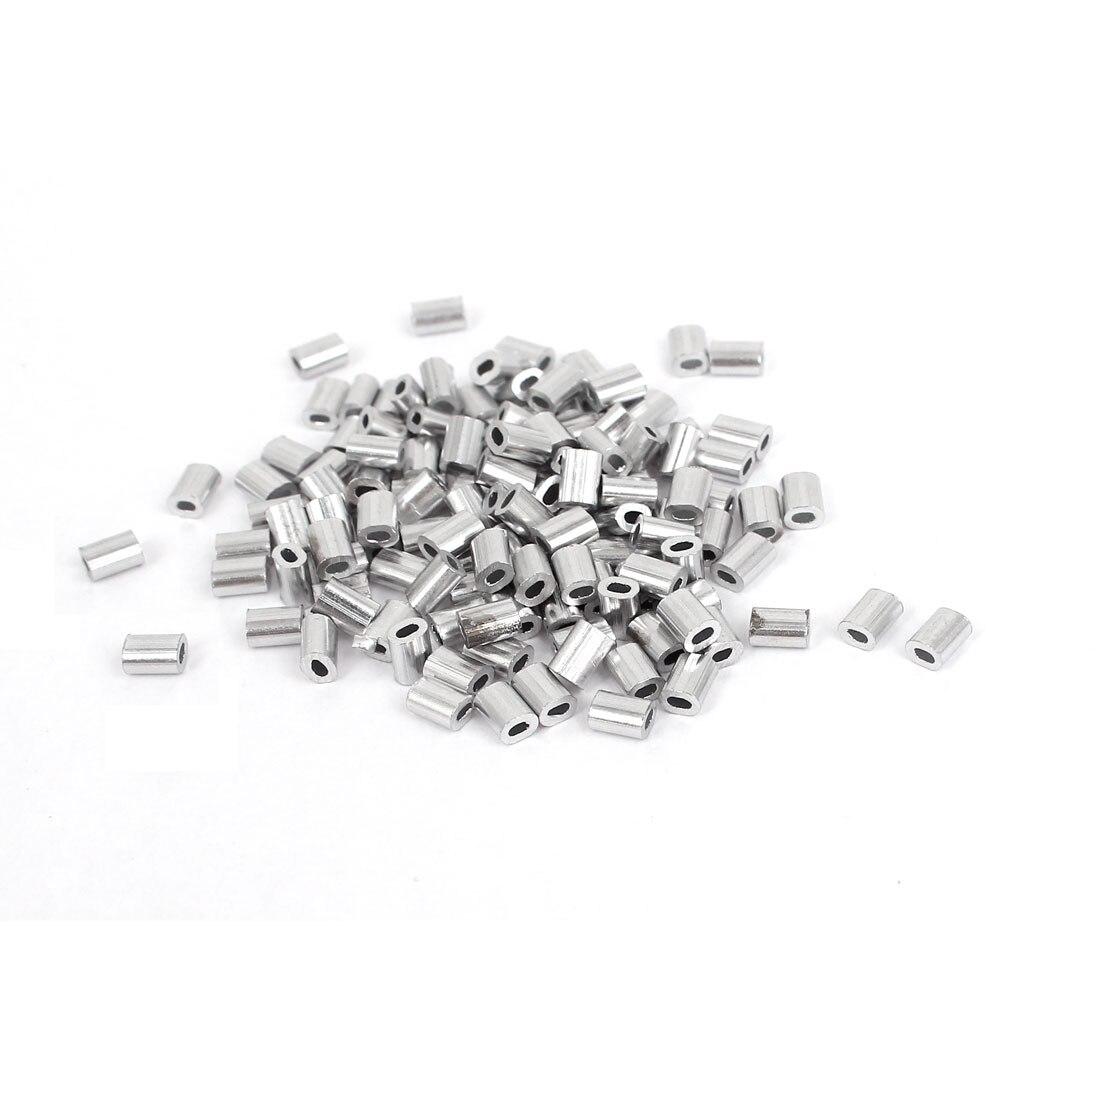 UXCELL offre spéciale 100 pcs/paquet 1mm câble en aluminium manches Clip raccords boucle manchon câble sertissages cordes Ferrules argent ton